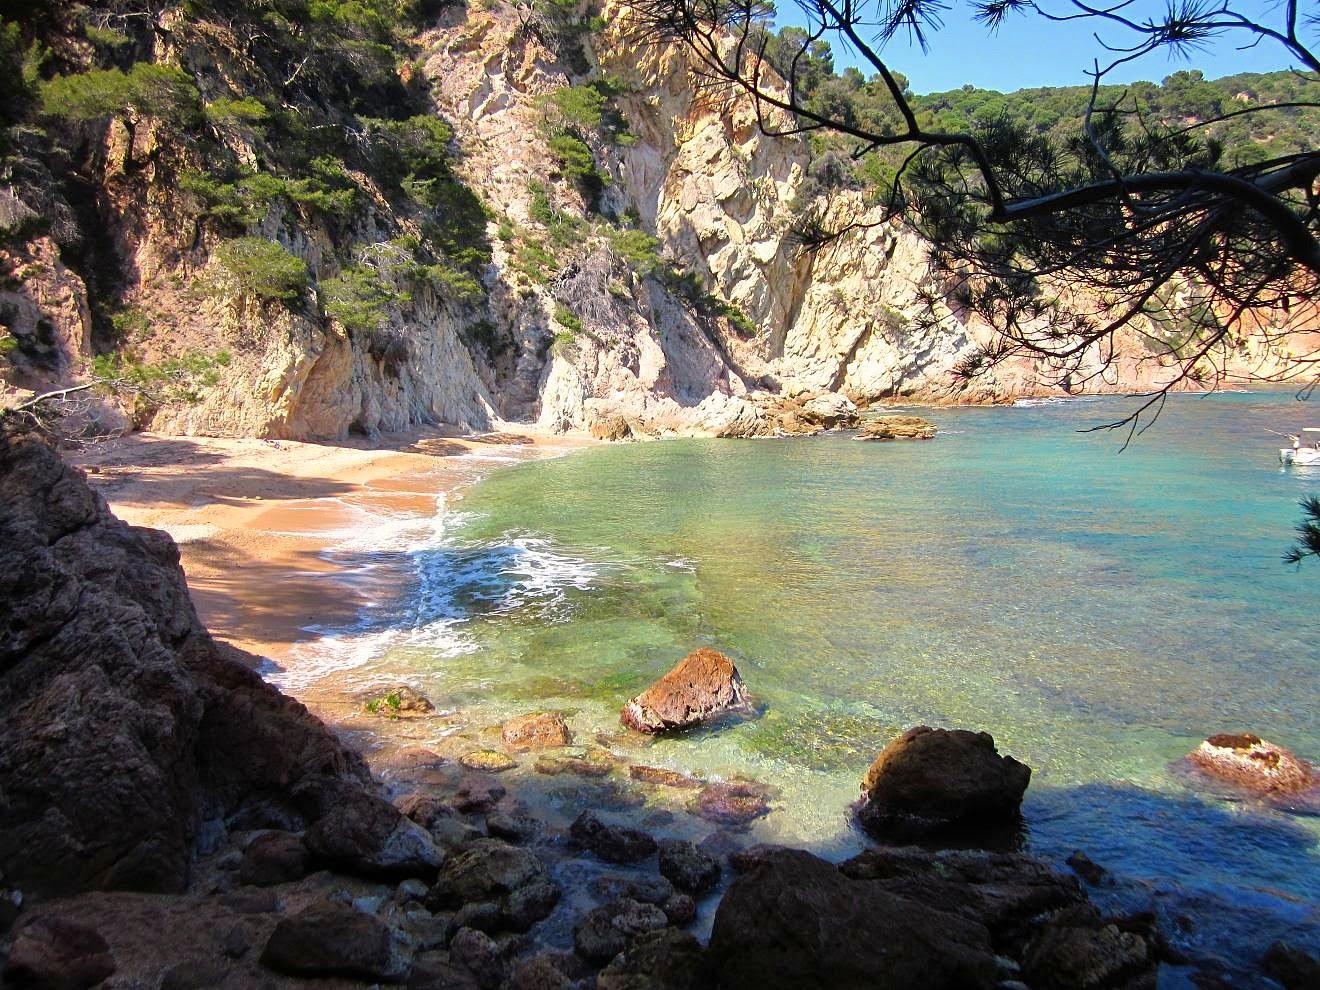 Las 10 mejores playas de girona 2015 for Piscina natural begur